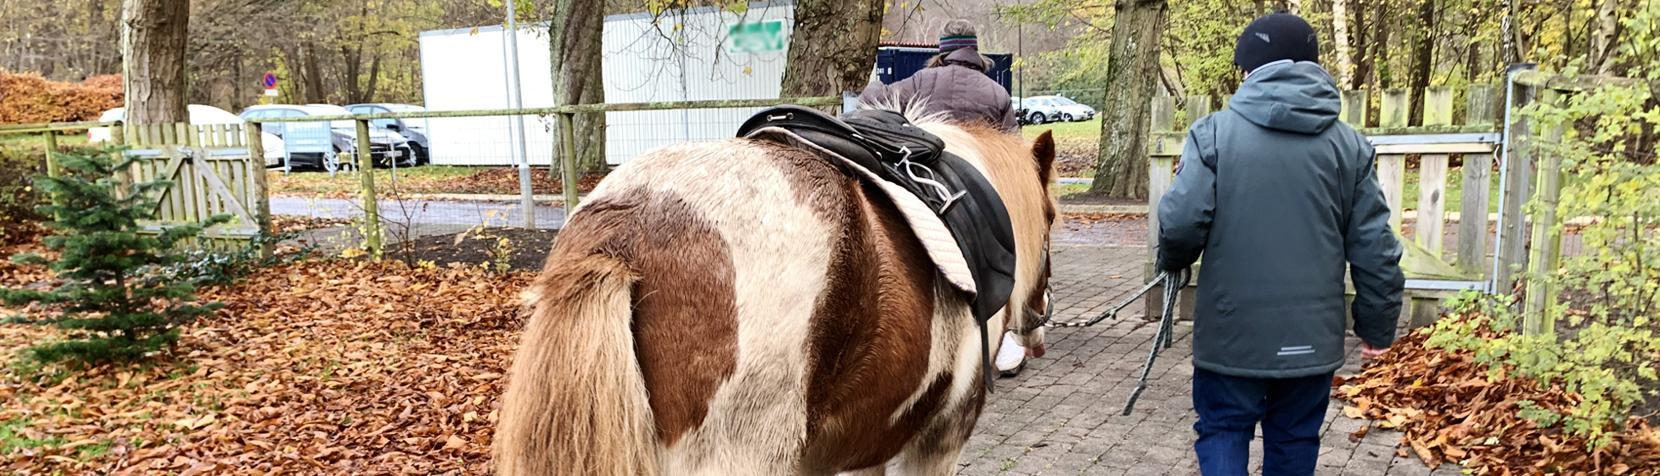 Rideklubben er et fritidstilbud tilknyttet Ebberød Kulturhus